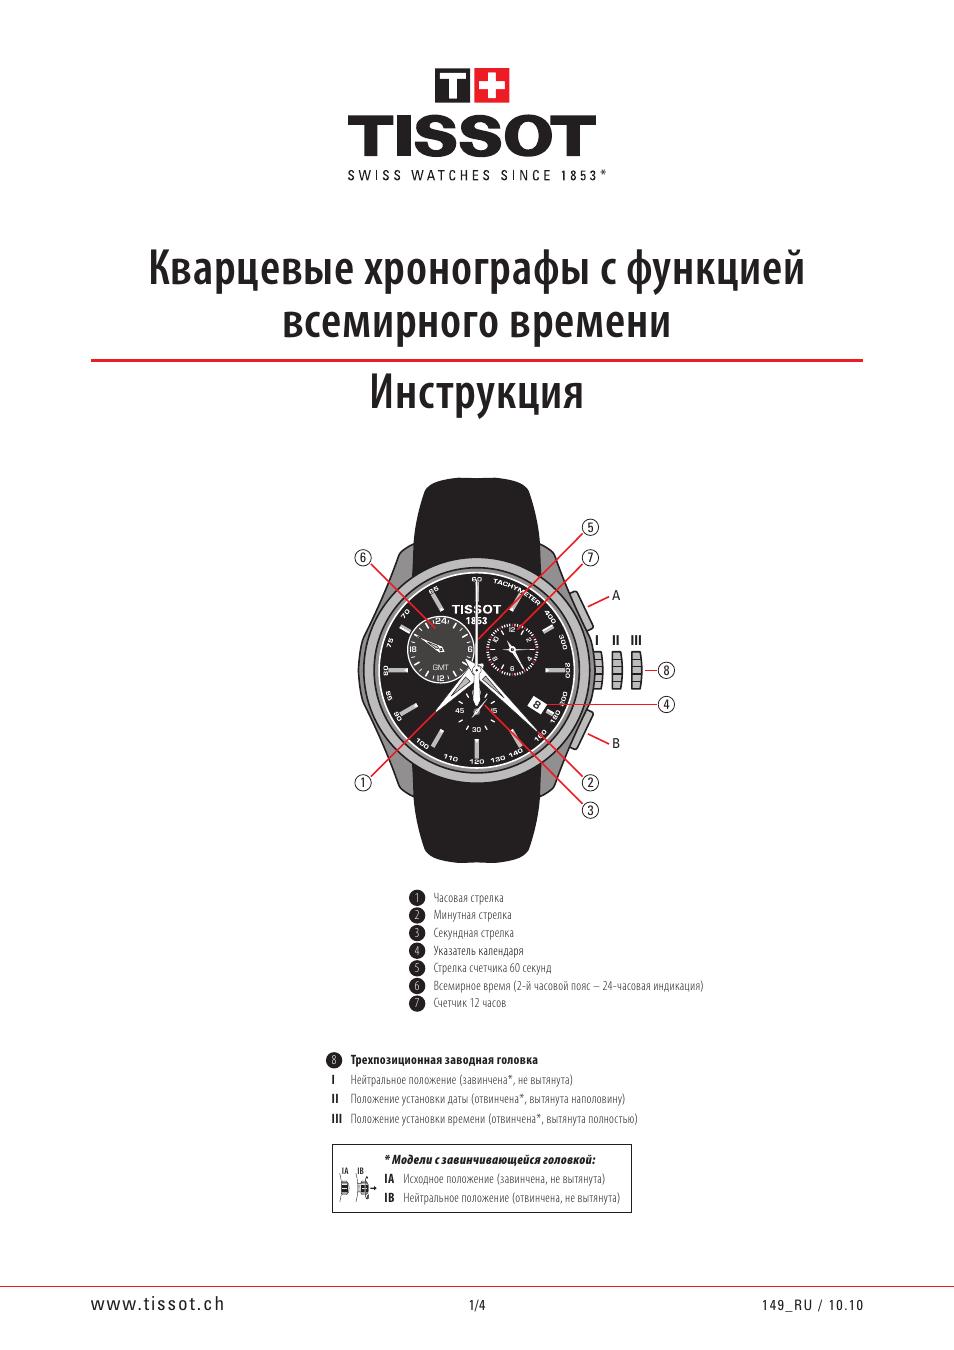 Инструкции и руководства пользователя к часам tissot.